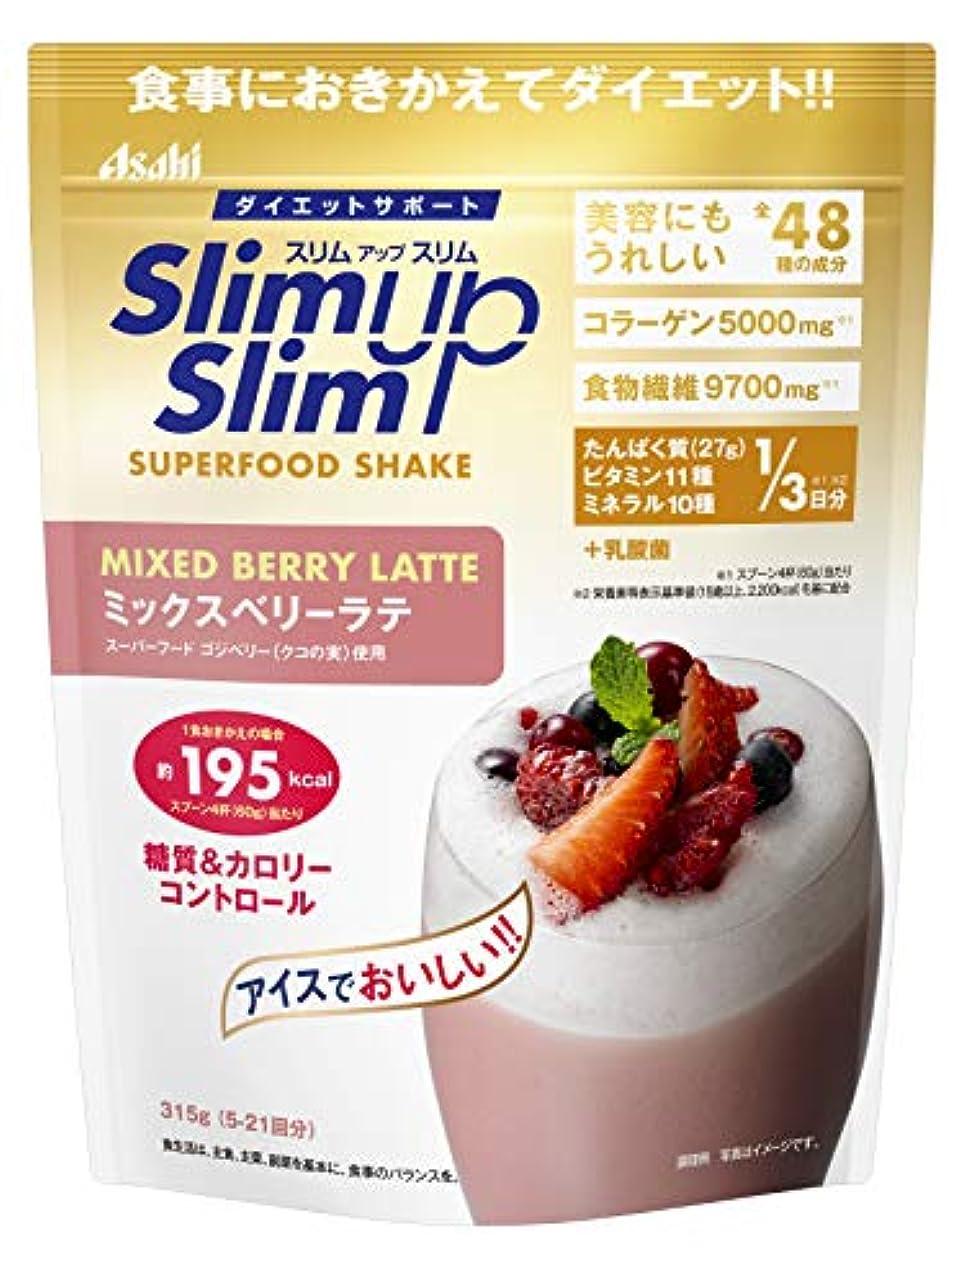 ゴム爆発宗教的なスリムアップスリム 乳酸菌+スーパーフードシェイク ミックスベリーラテ 315g